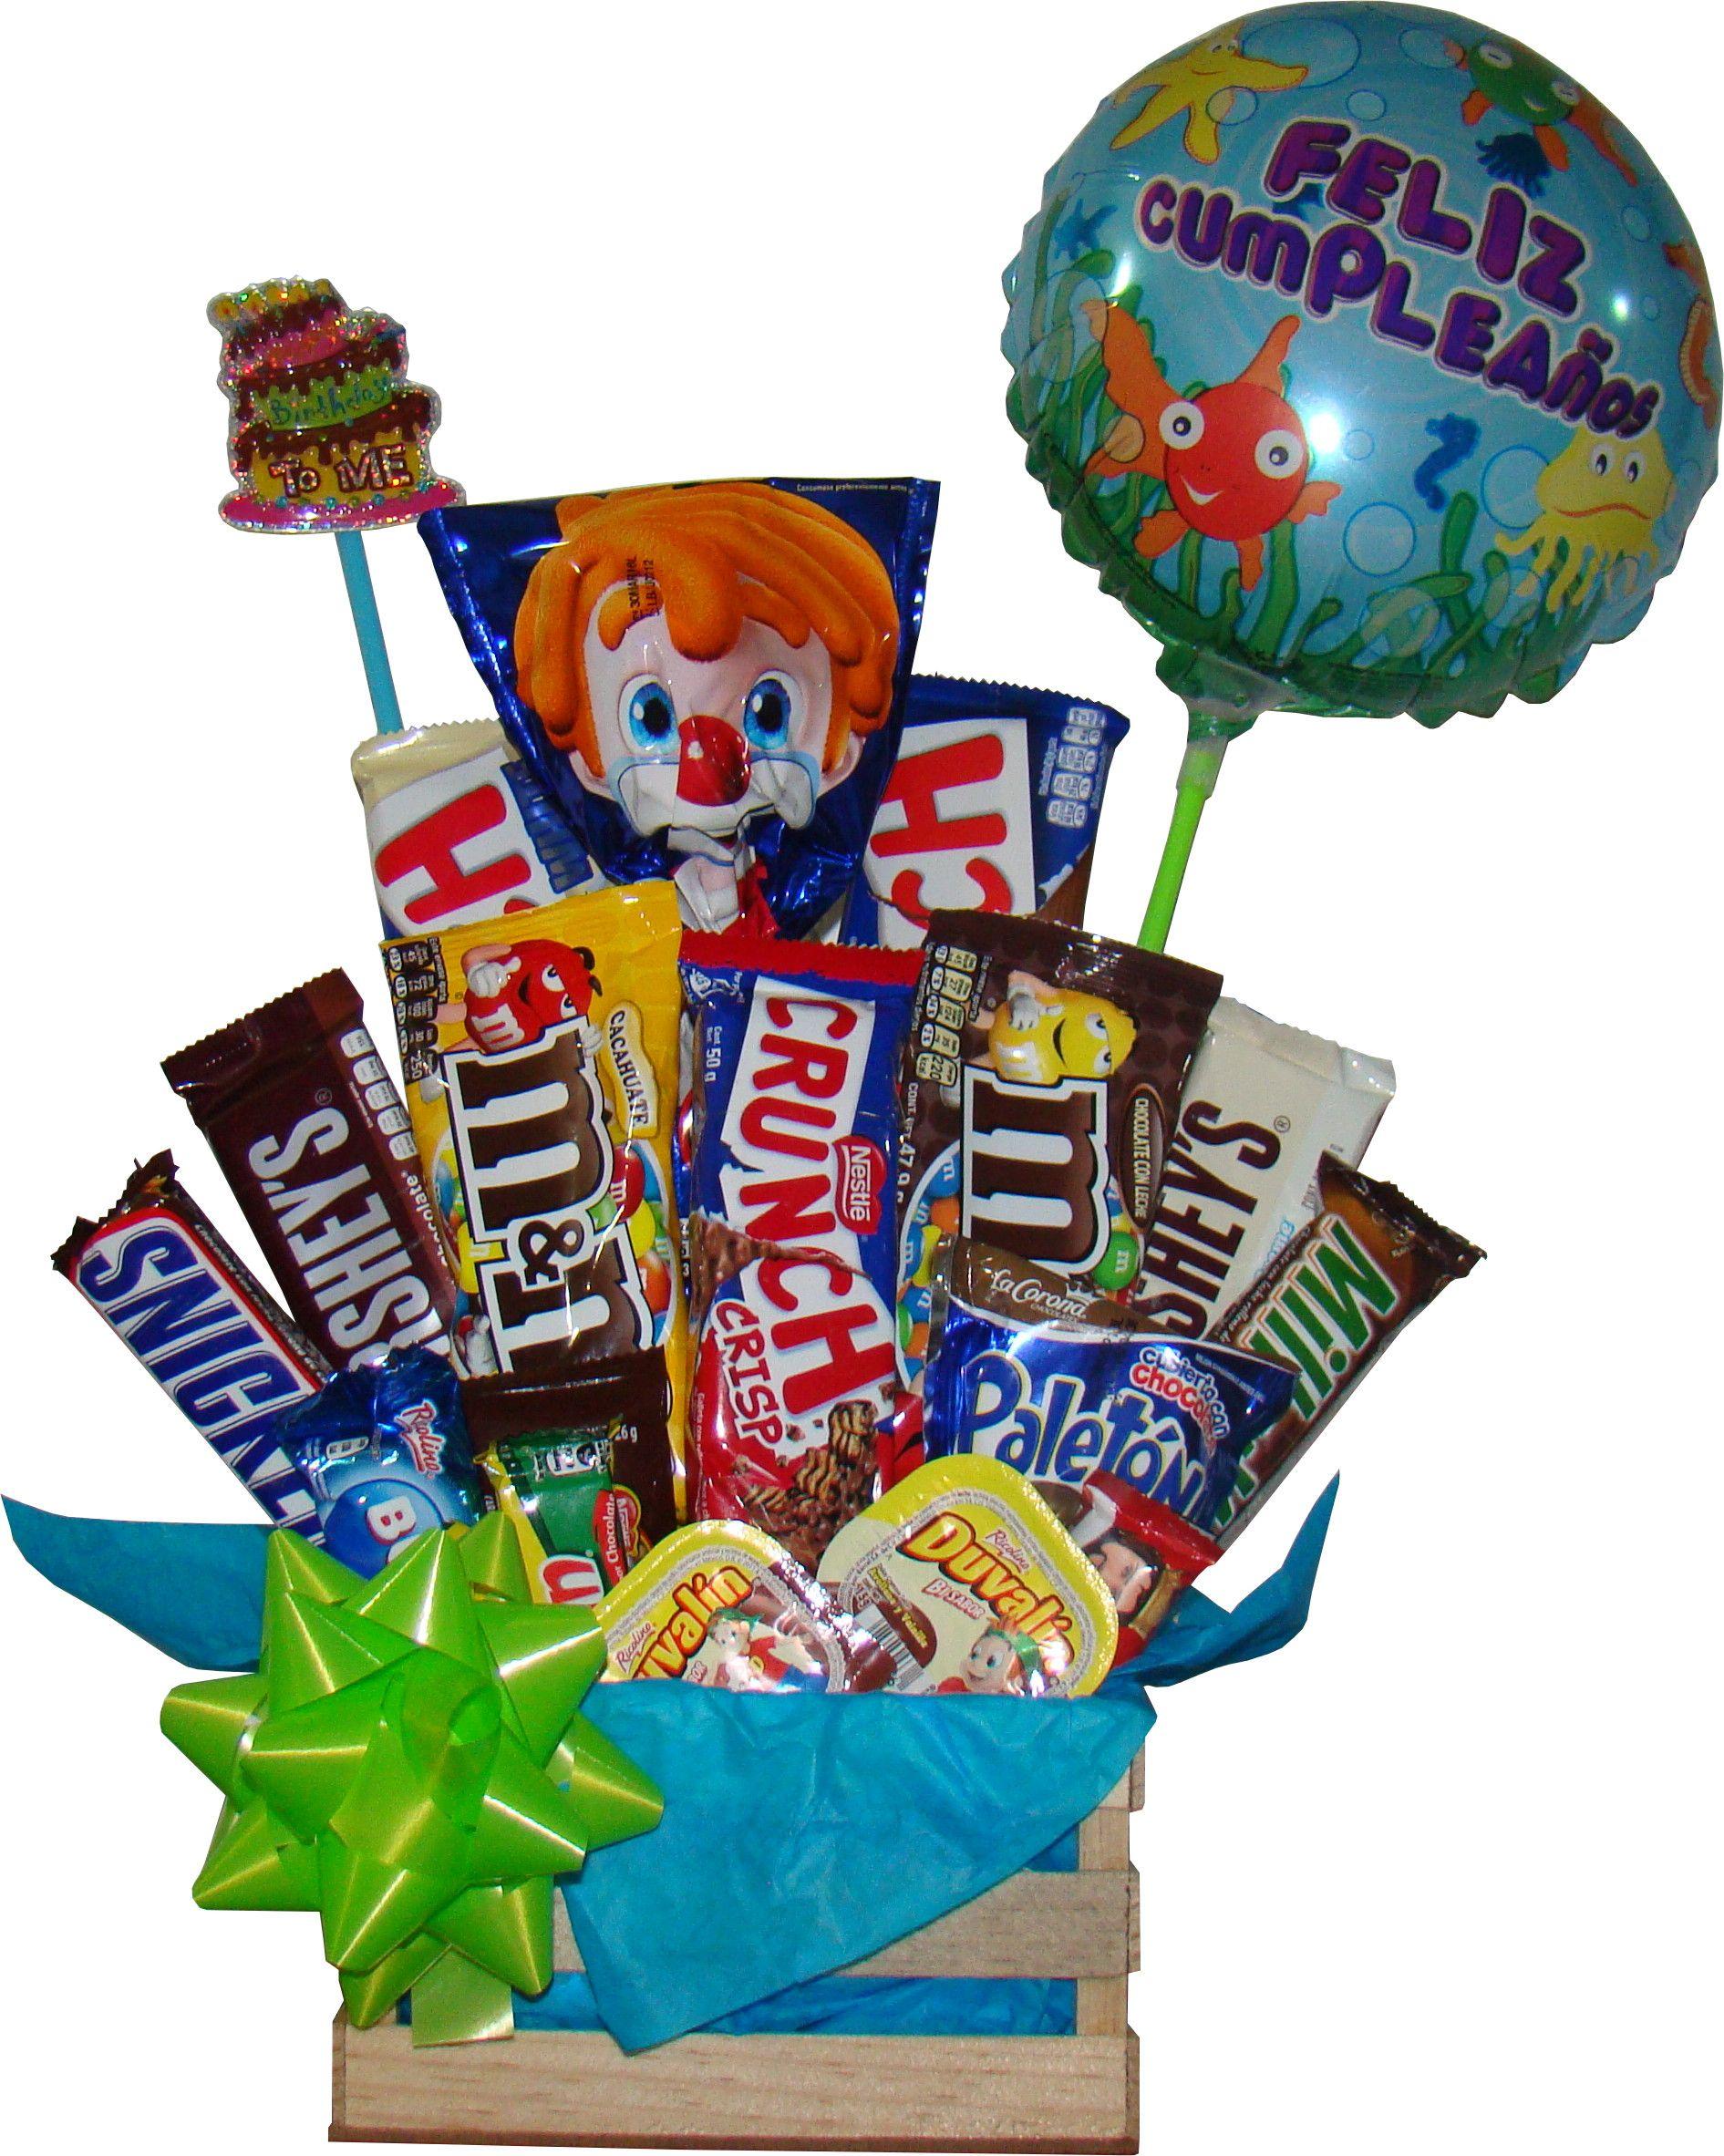 Regalo para hombres con varidad de chocolates en huacal chocolate regalo ideas gift ideas - Regalos de hombre ...